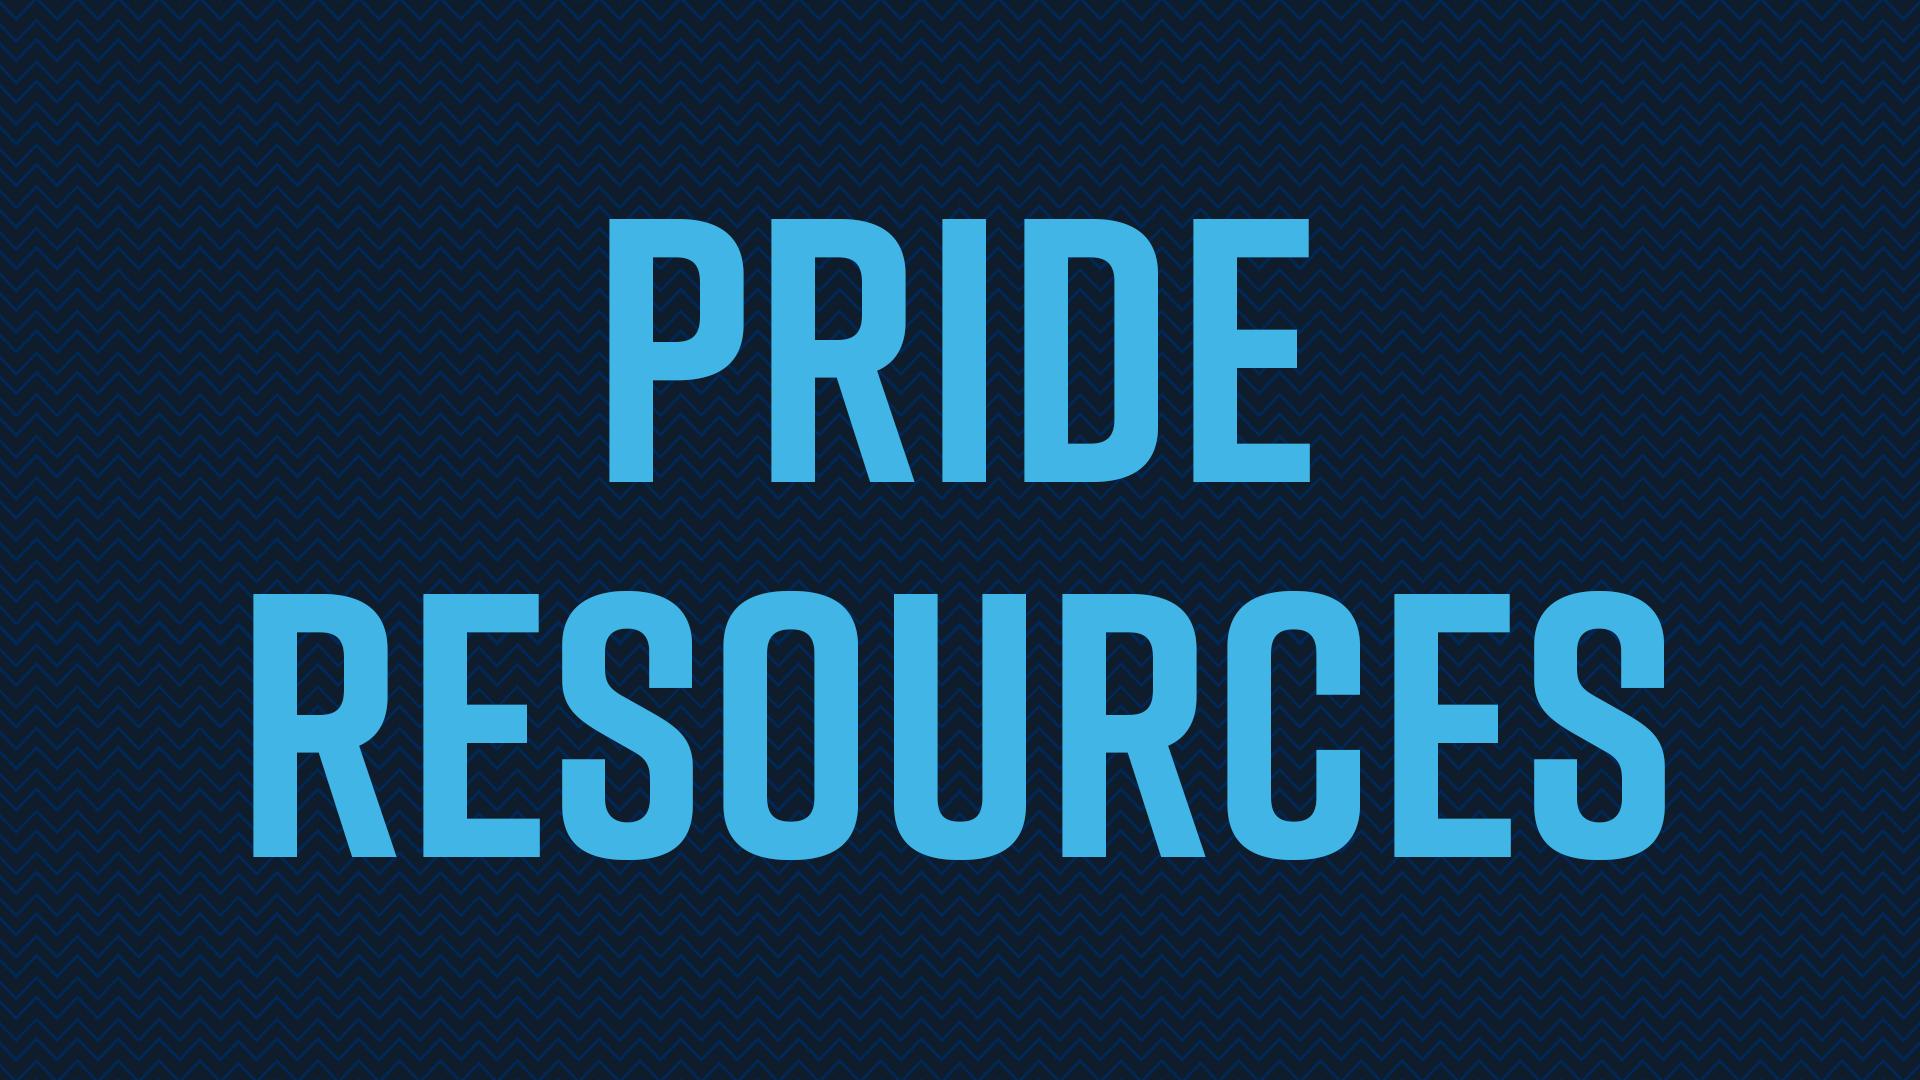 Pride resources